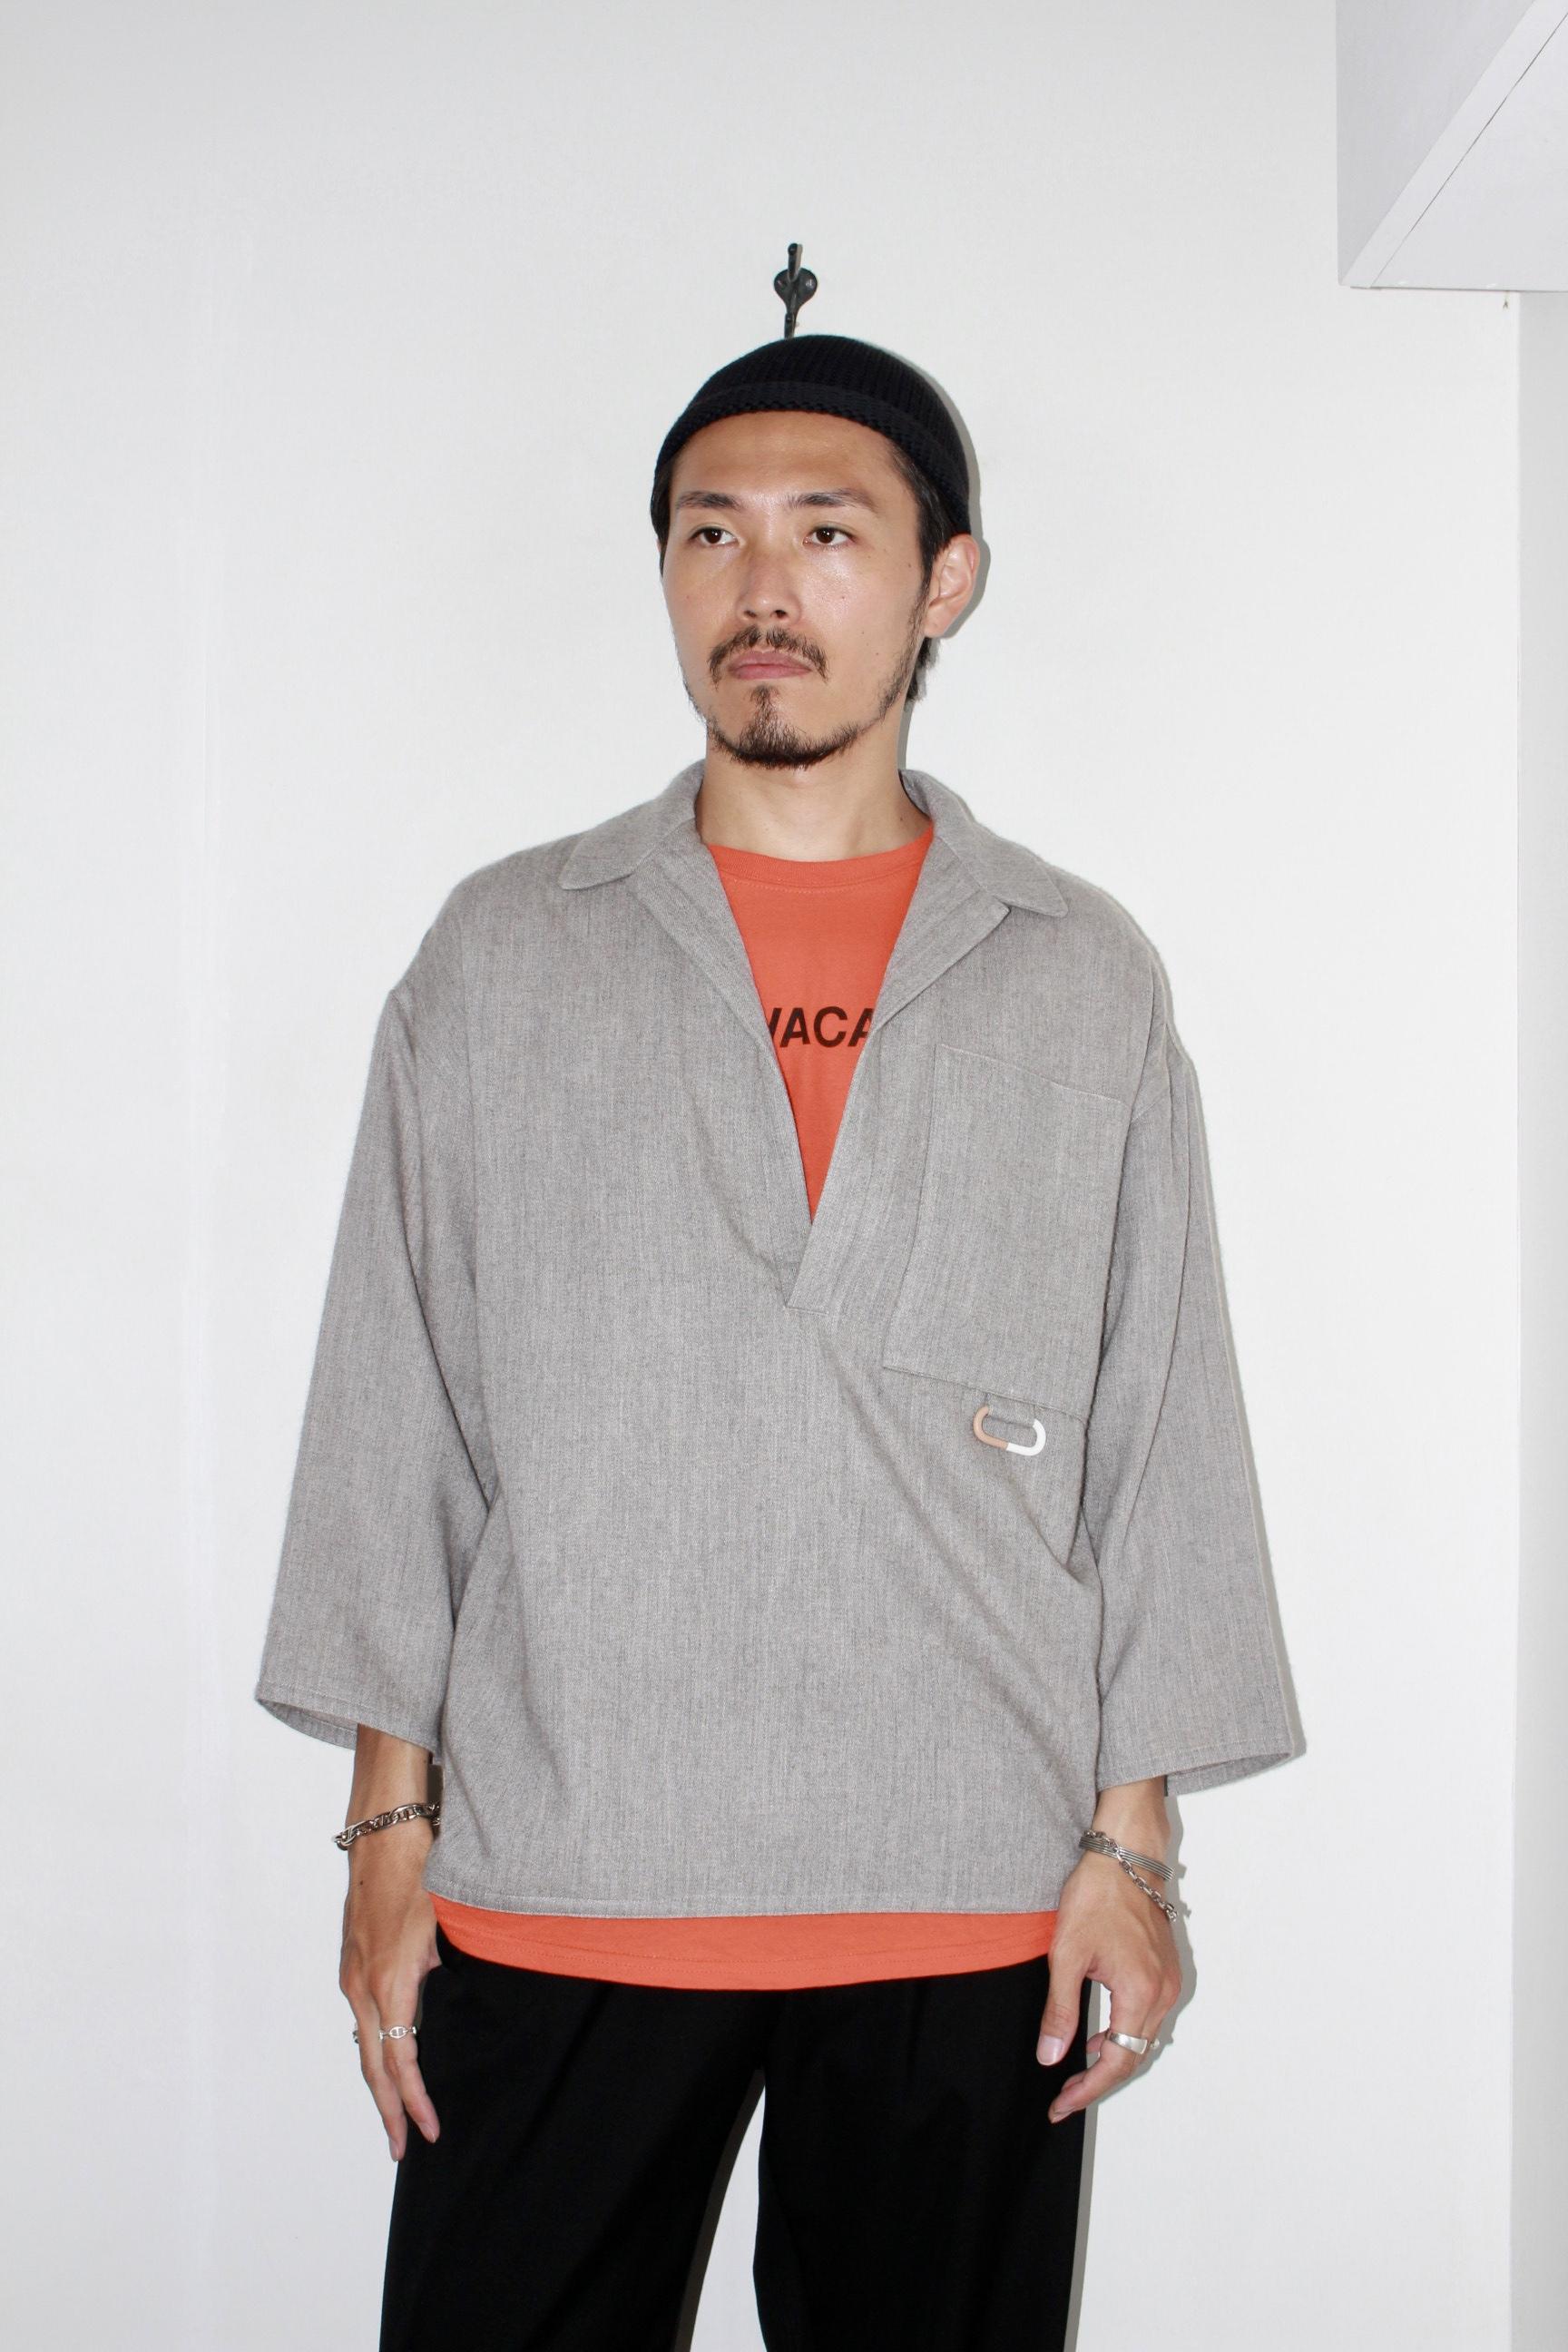 CLASS(クラス) | KANBATSU / SKIPPER SHIRT(スキッパーシャツ)